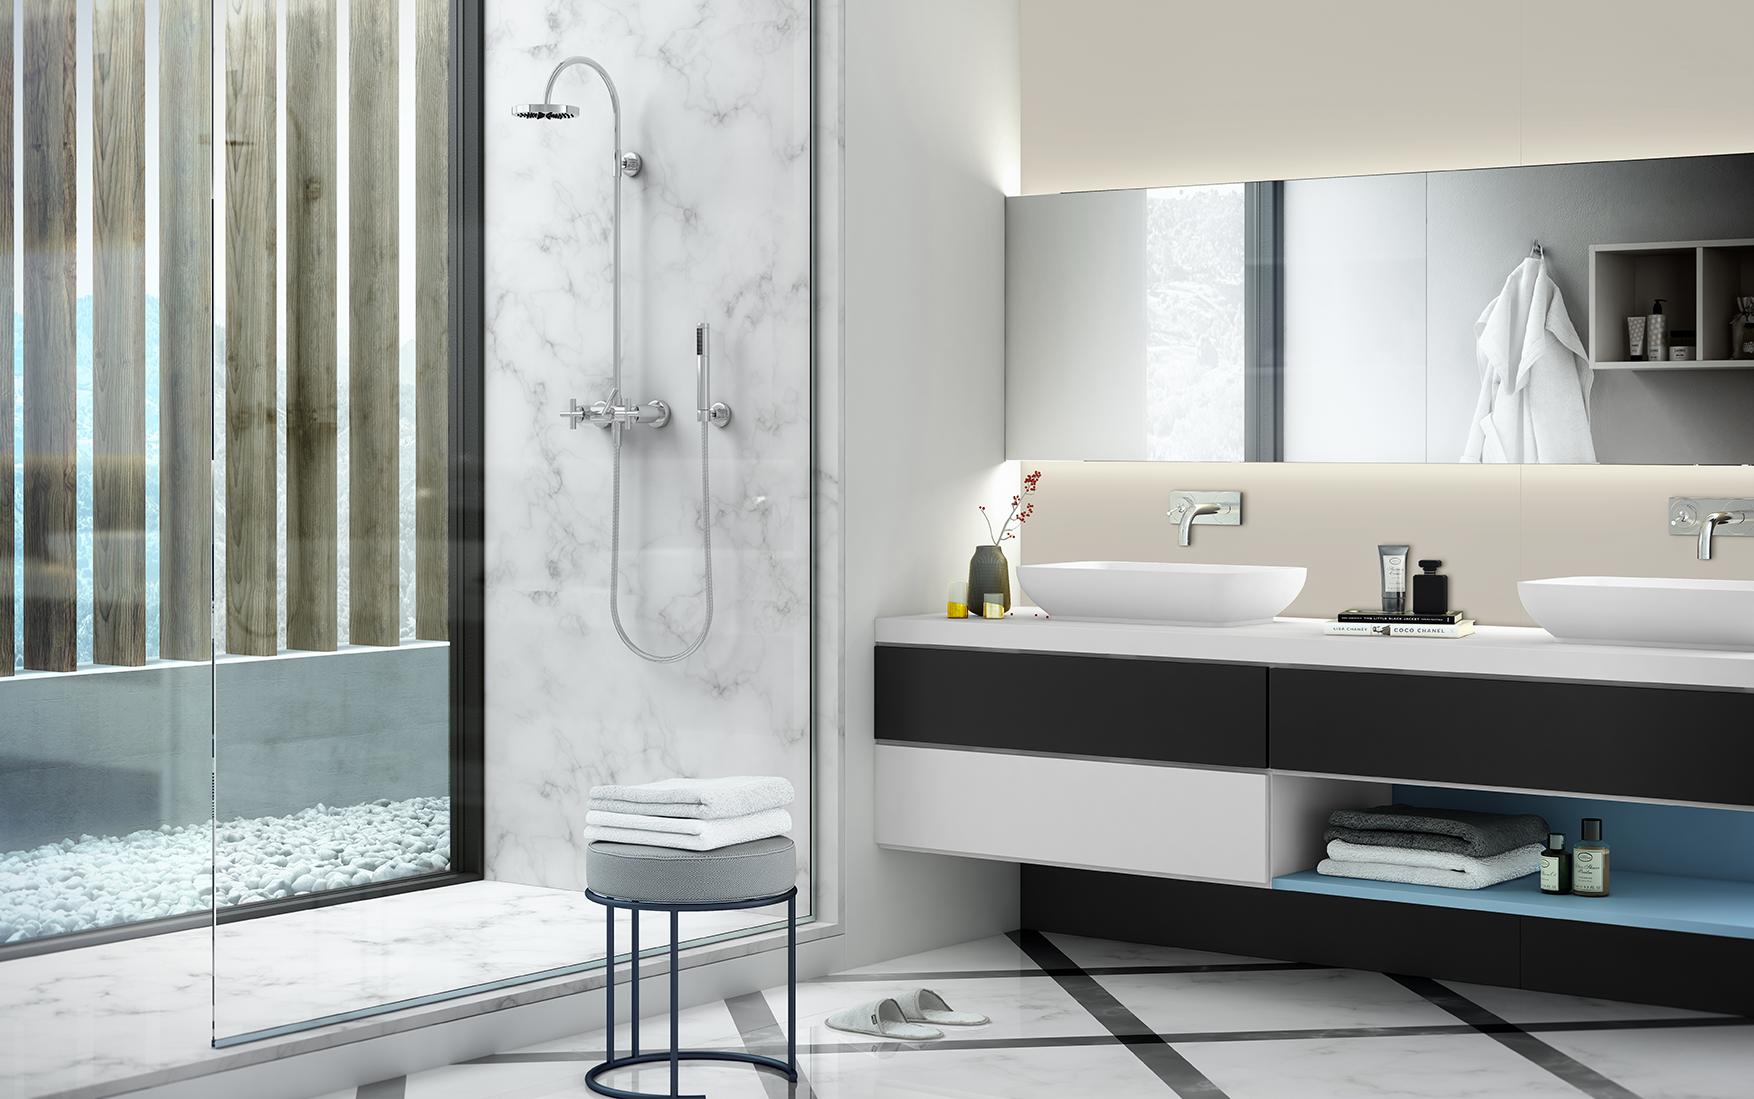 Mélamine Gama Duo : salle d'eau avec décors Blanco Artico (040), Petroleo (188), Azul Pastel (19R) et Gris Porrino (194).